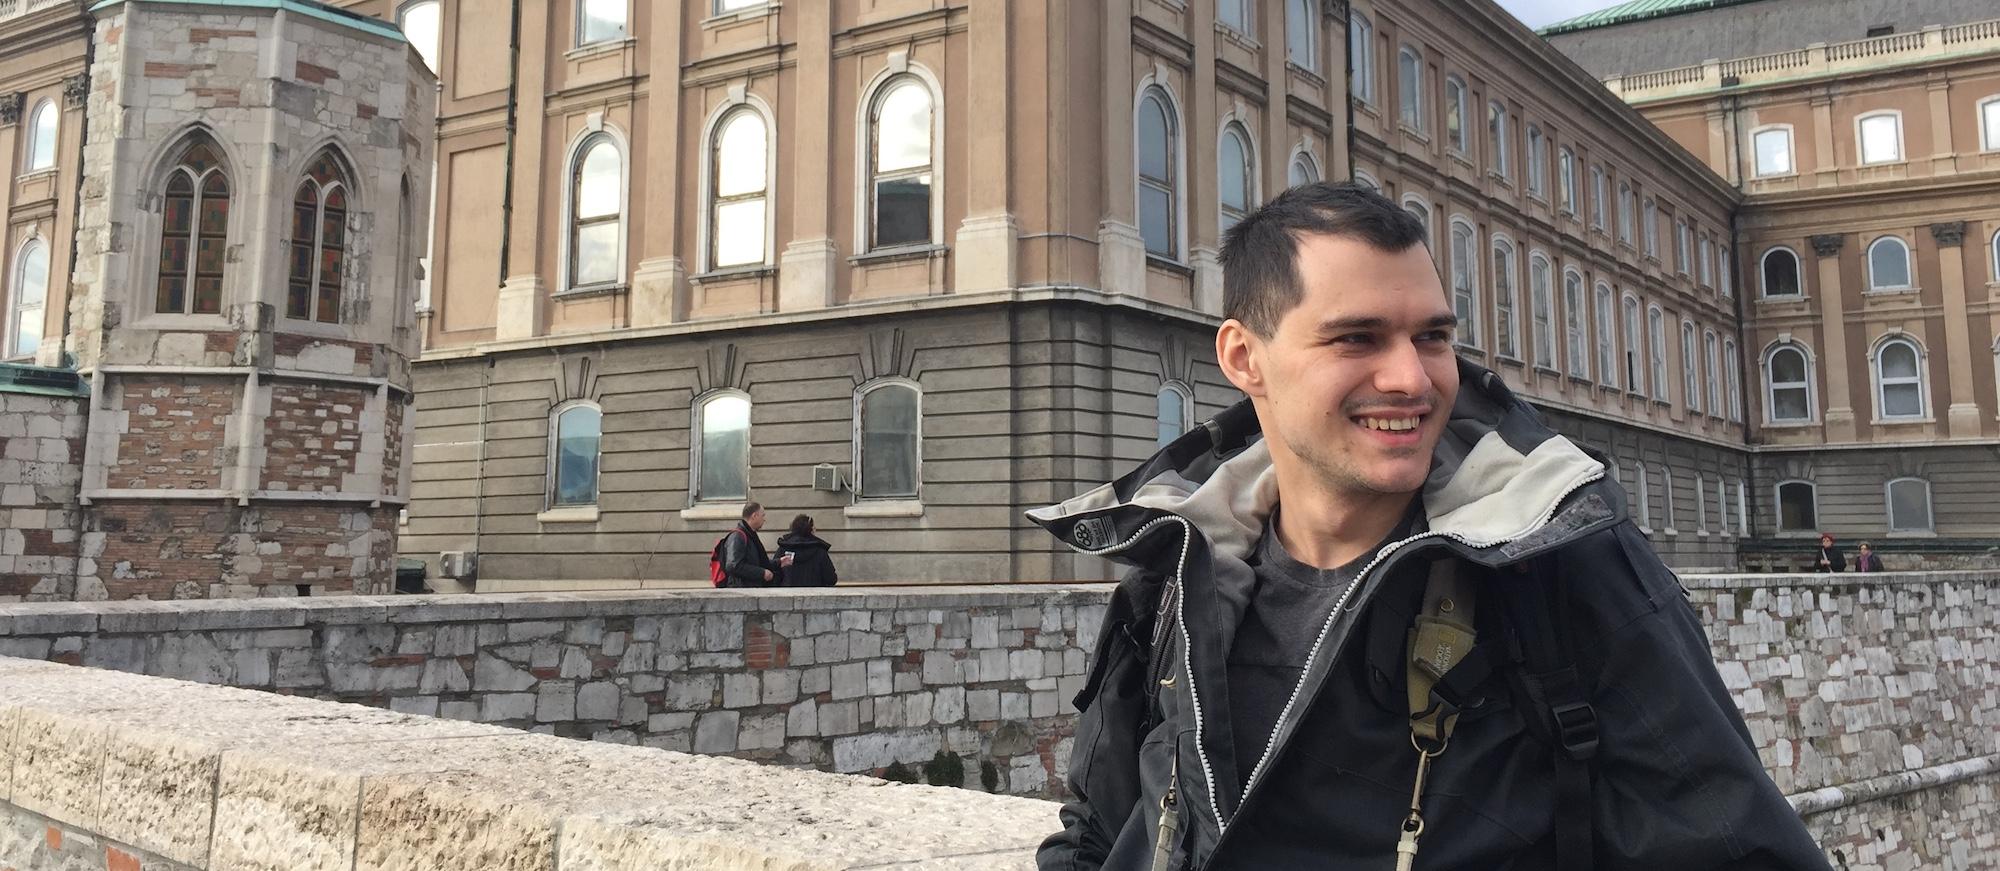 Александр Левицкий посещает континенты, страны и города, чтобы понимать устройство мира.